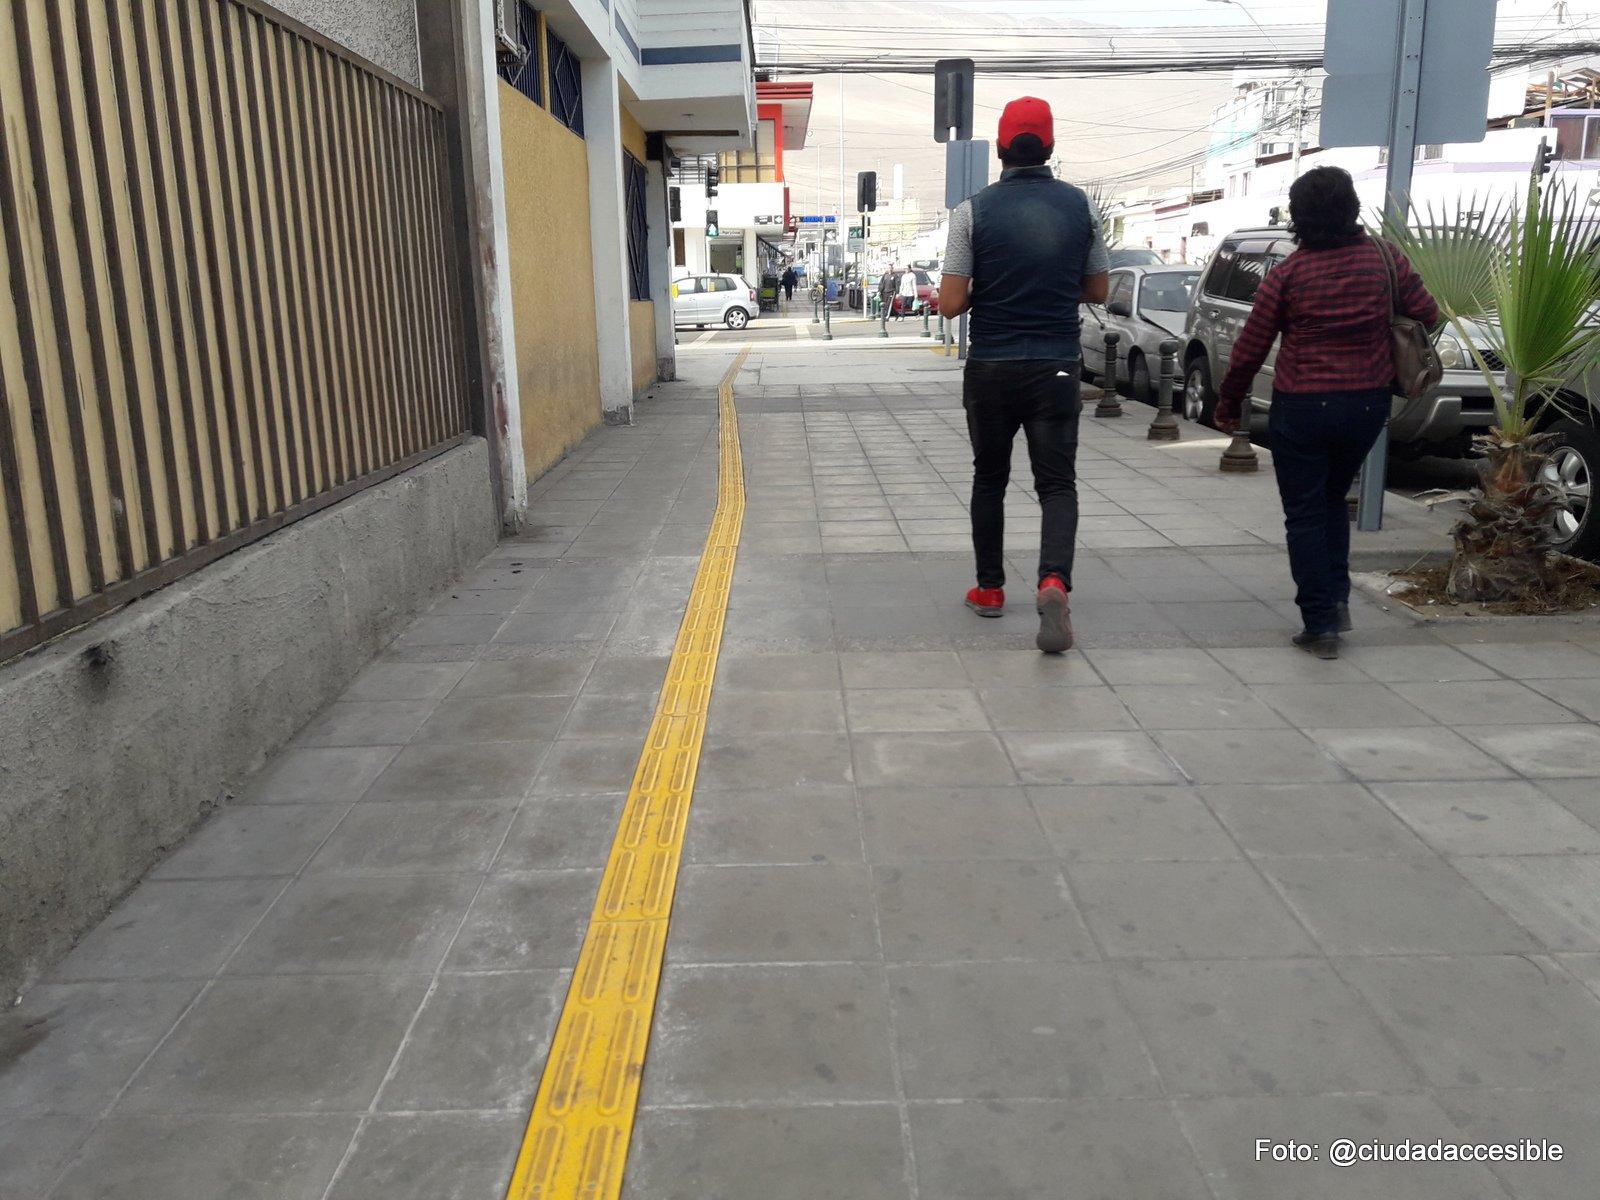 guía podotáctil de avance a lo largo de una vereda y paralela a la línea de fachada